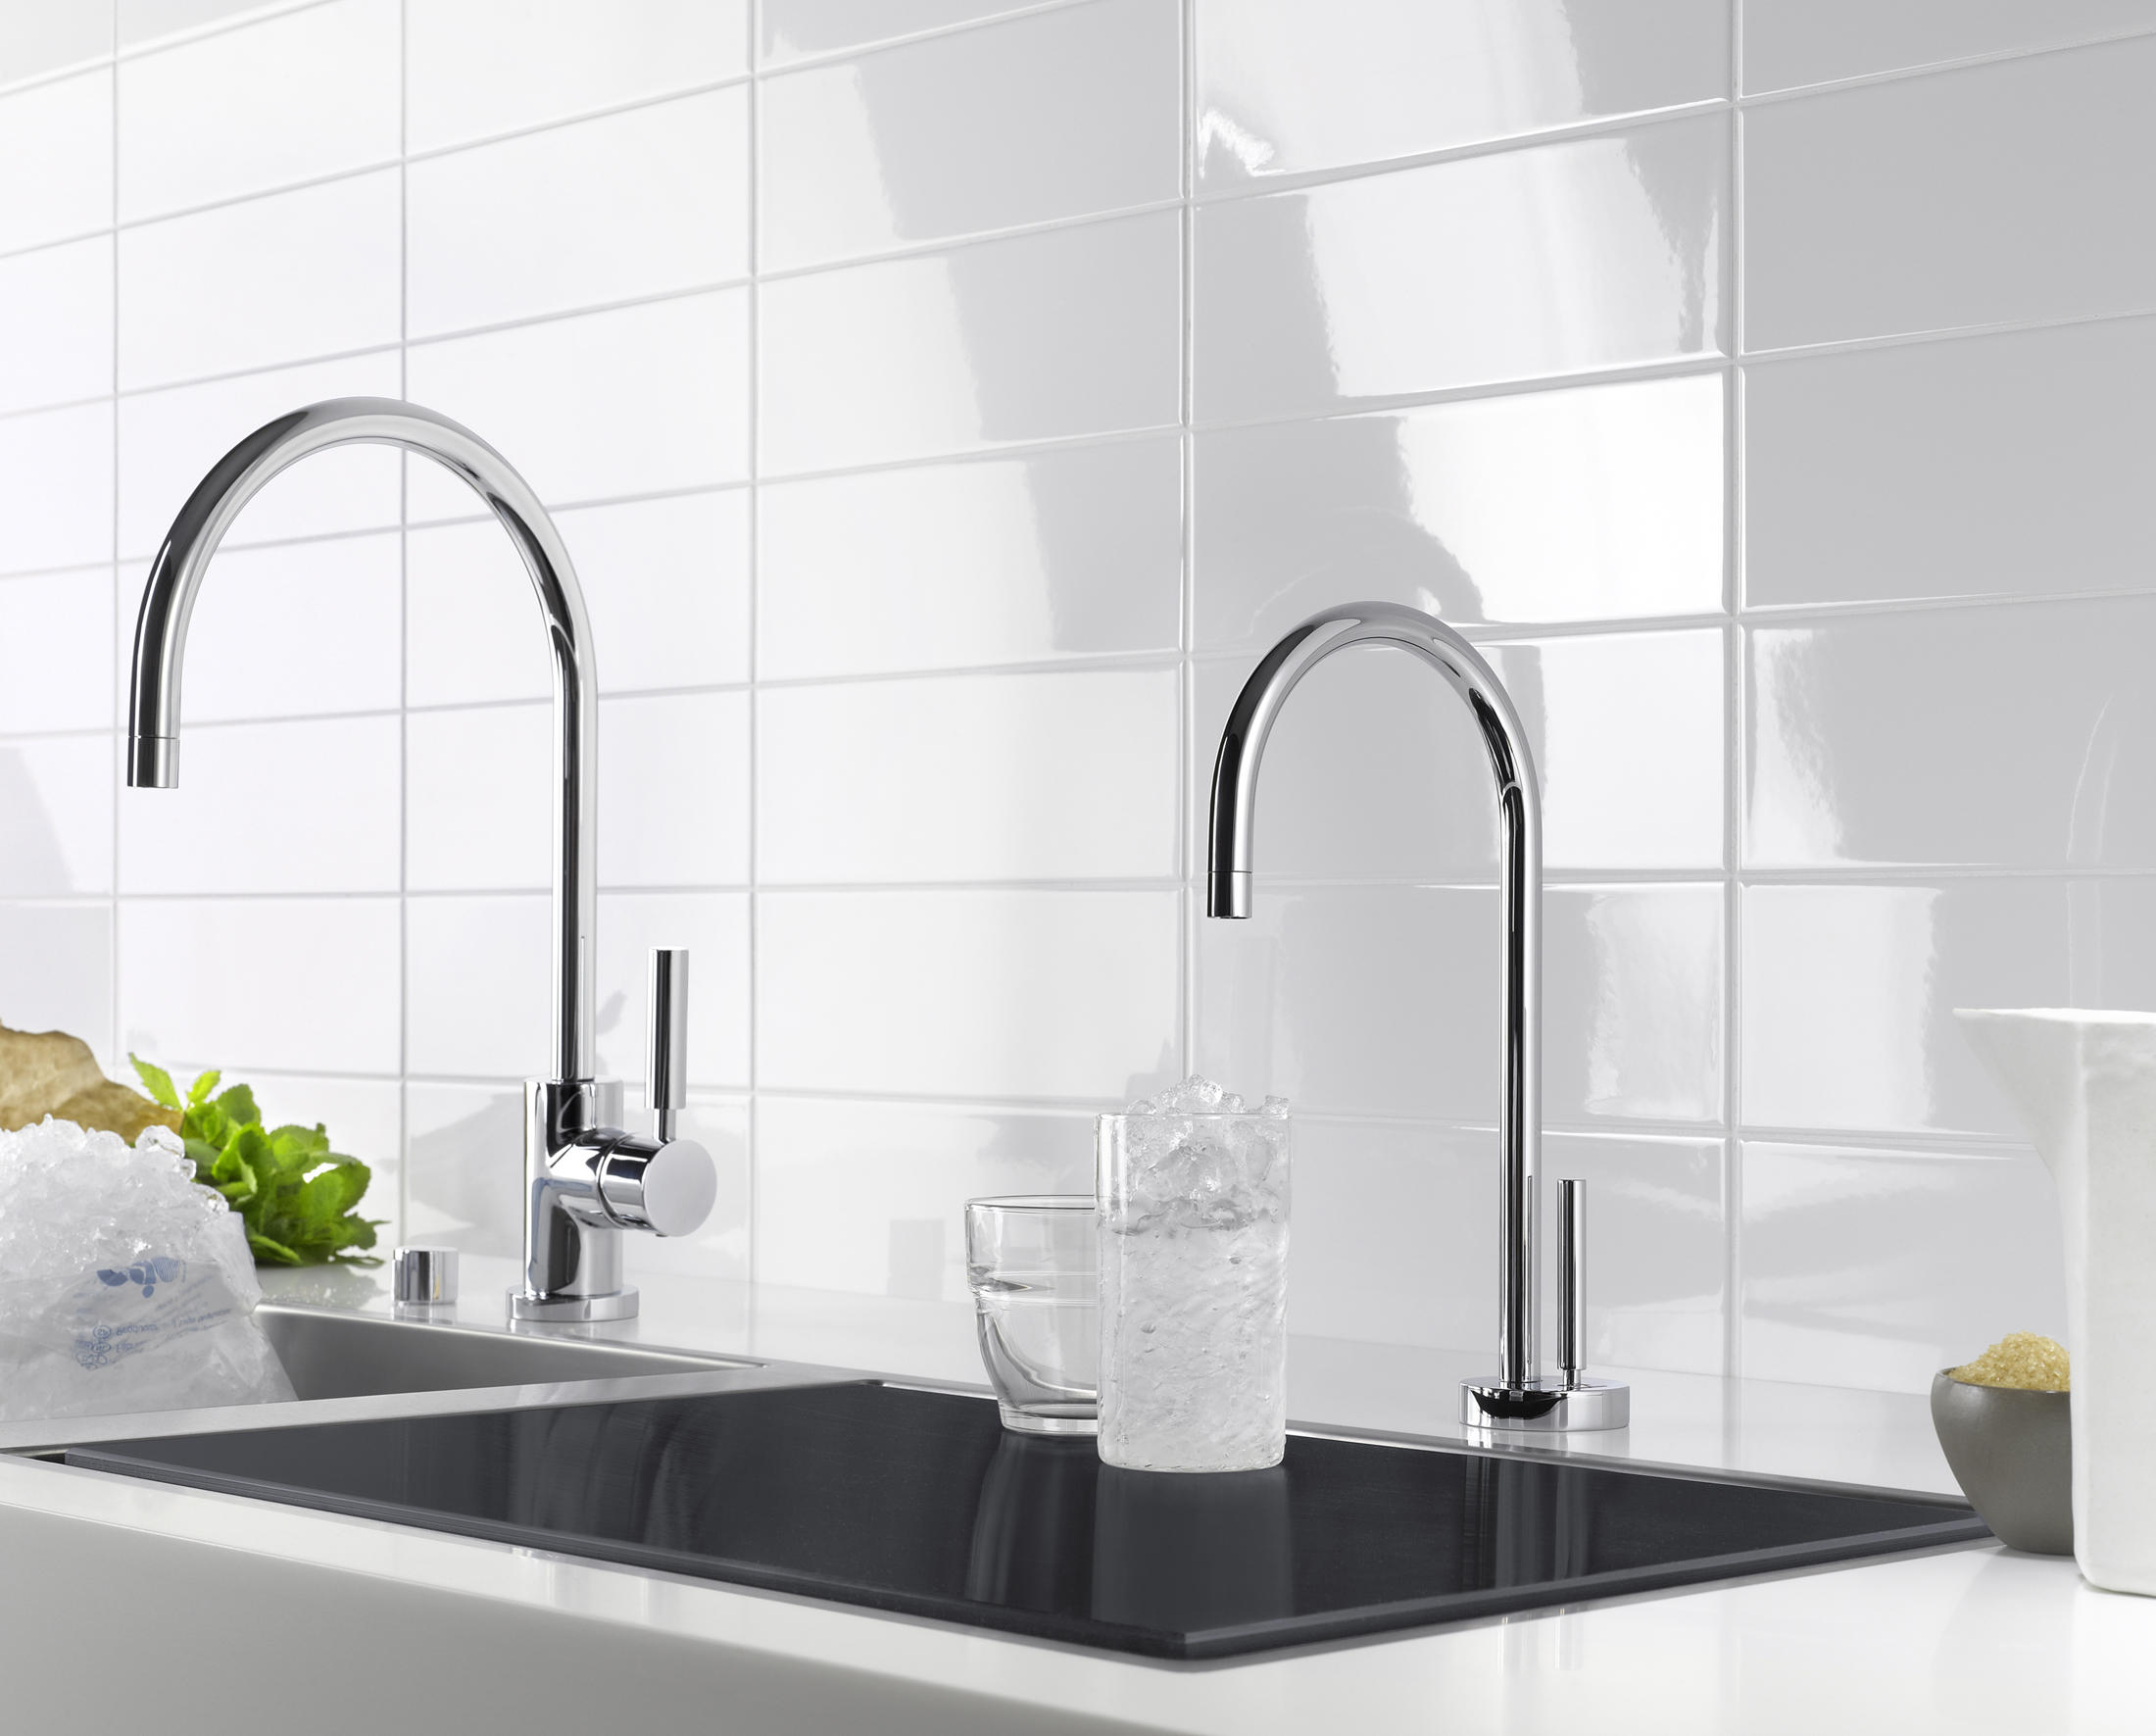 WATER DISPENSER - HOT WATER TANK INCL. FILTER - Bath installation ...